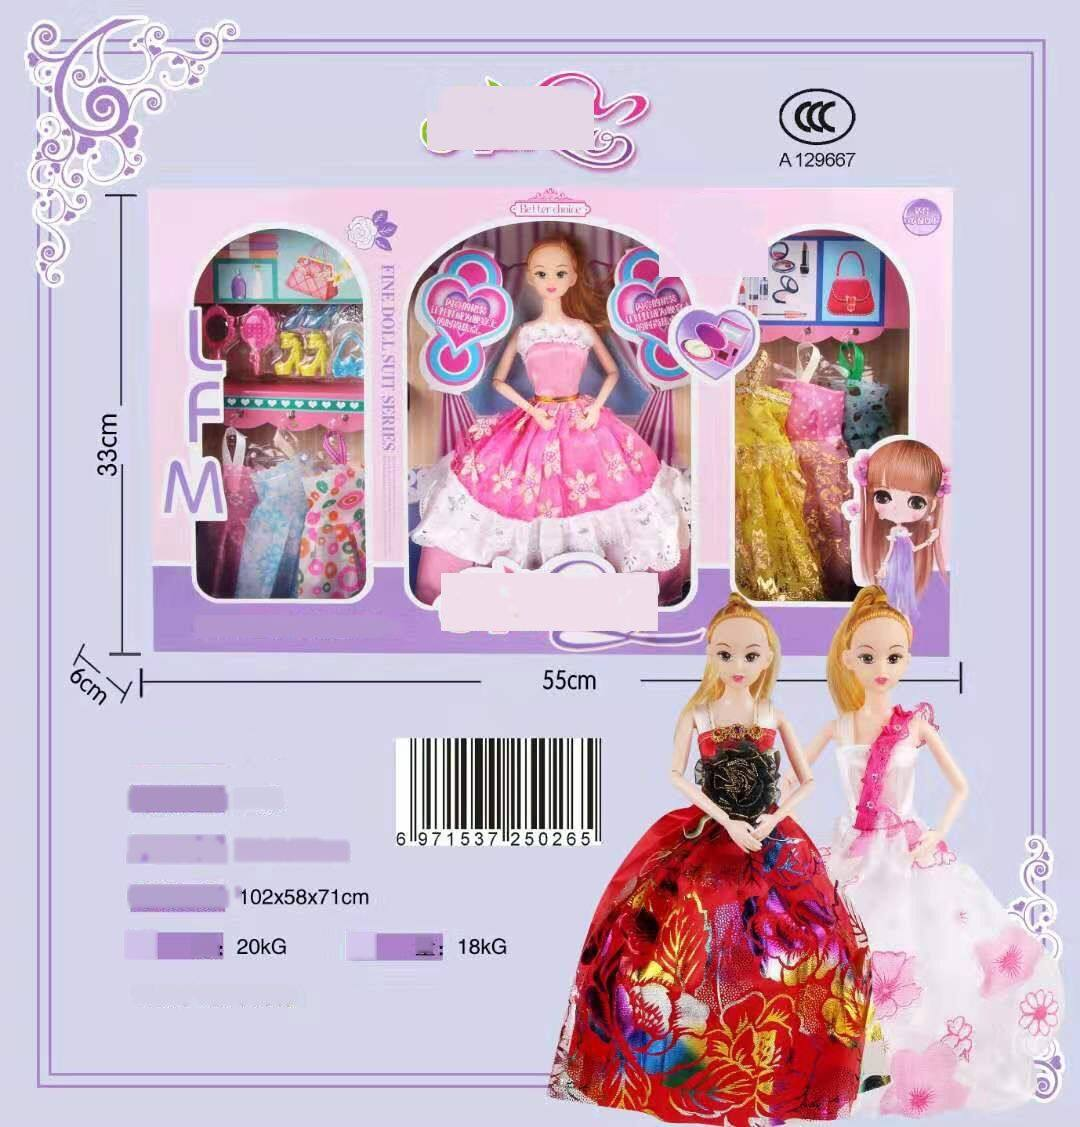 ตุ๊กตาบาร์บี้ Lele ตุ๊กตาชุดเจ้าหญิงเด็กเล่นของเล่นชุดงานแต่งงานชุดของขวัญกล่อง